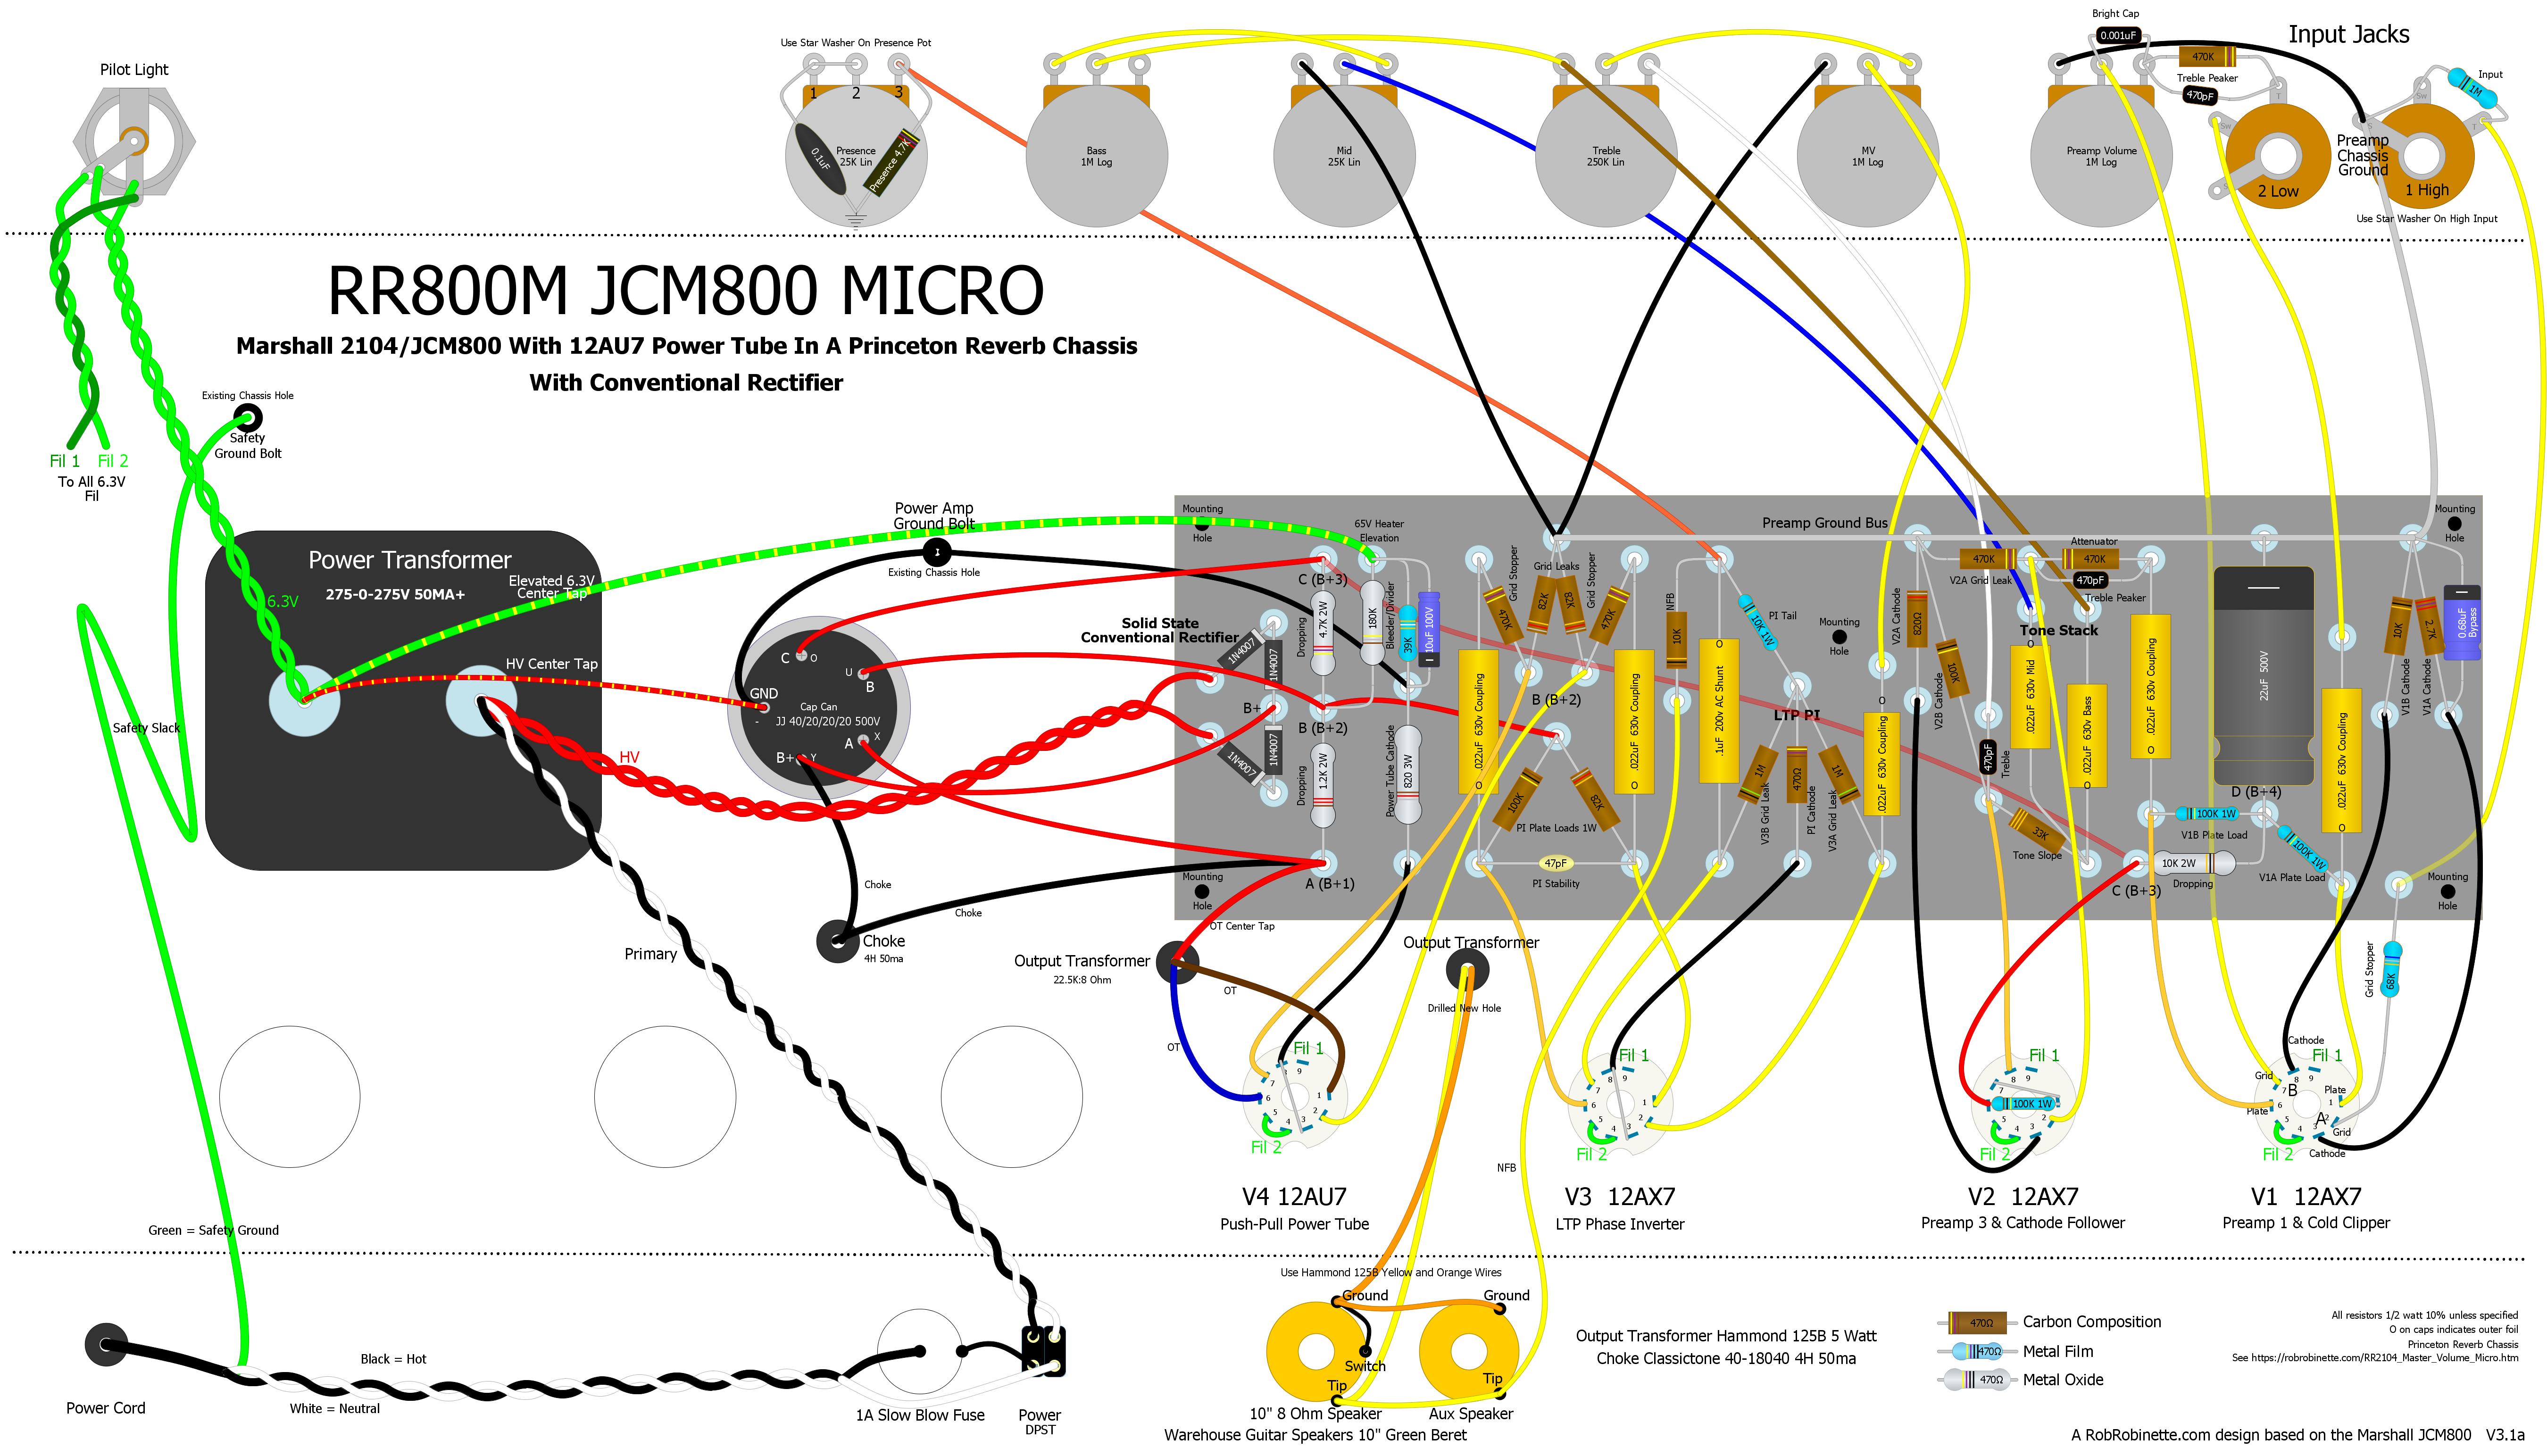 JCM800 Micro